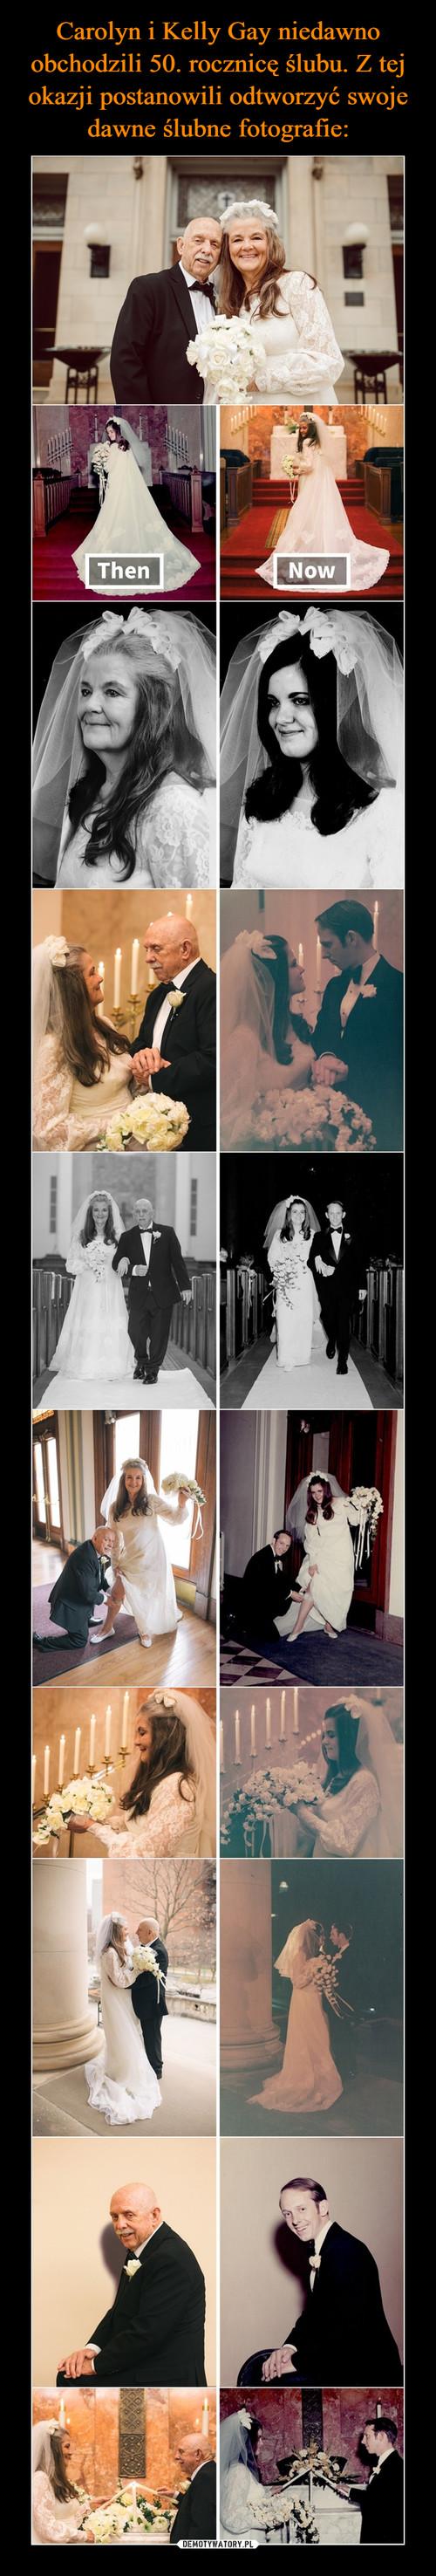 Carolyn i Kelly Gay niedawno obchodzili 50. rocznicę ślubu. Z tej okazji postanowili odtworzyć swoje dawne ślubne fotografie: